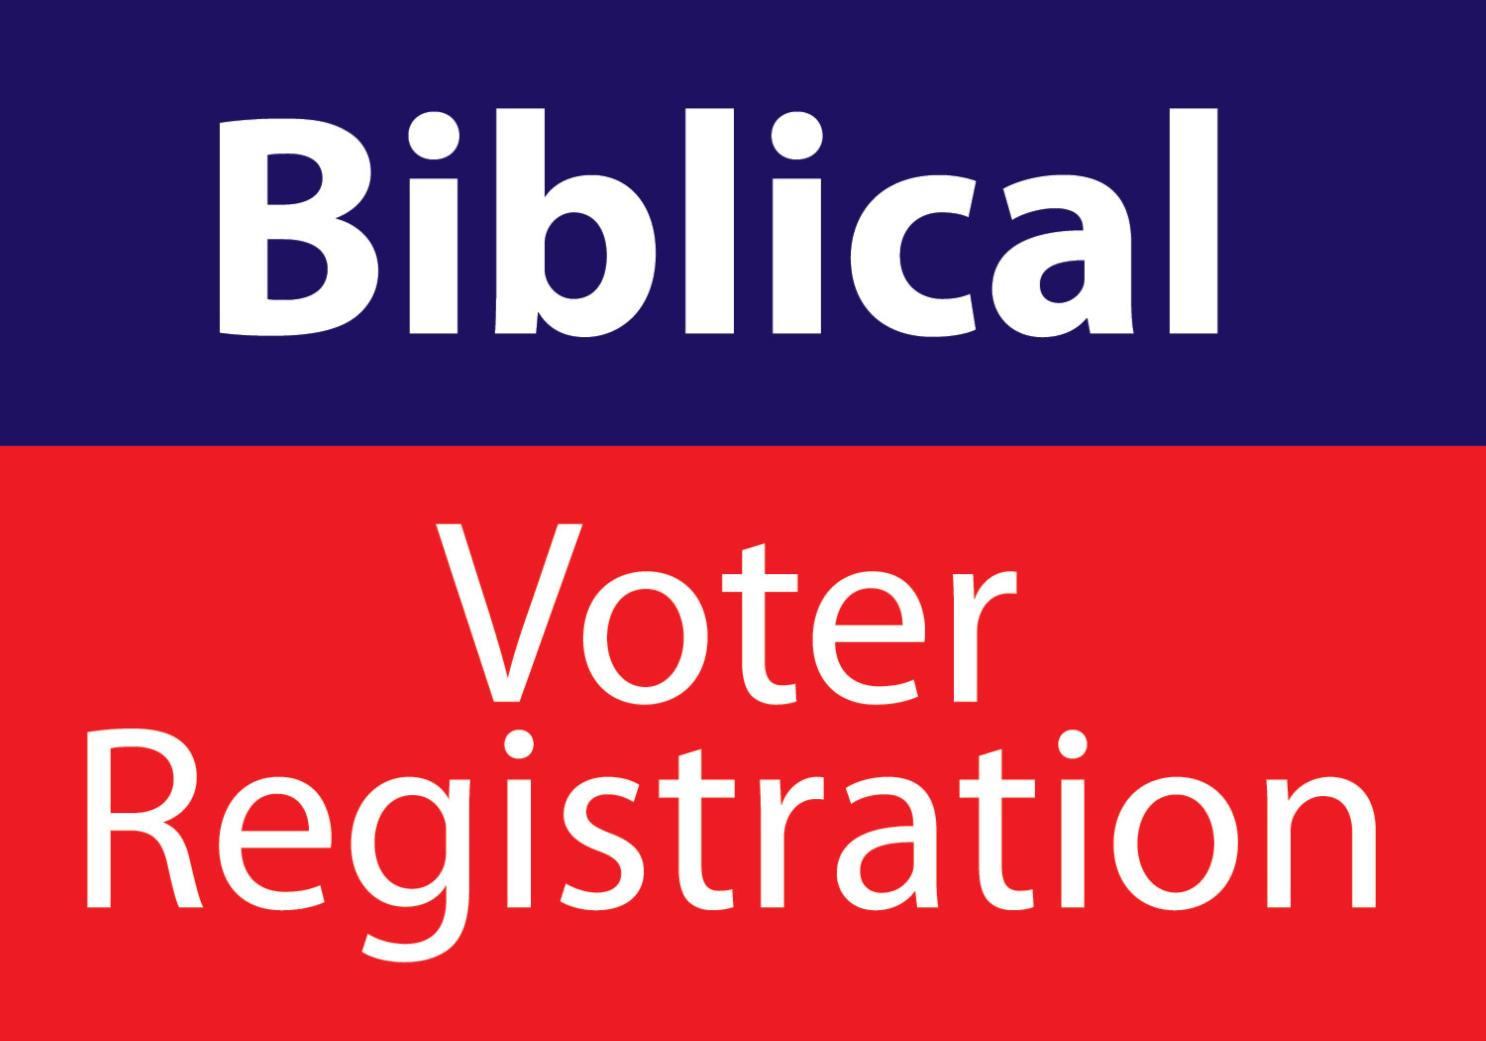 Biblical Voter Refgistration.png